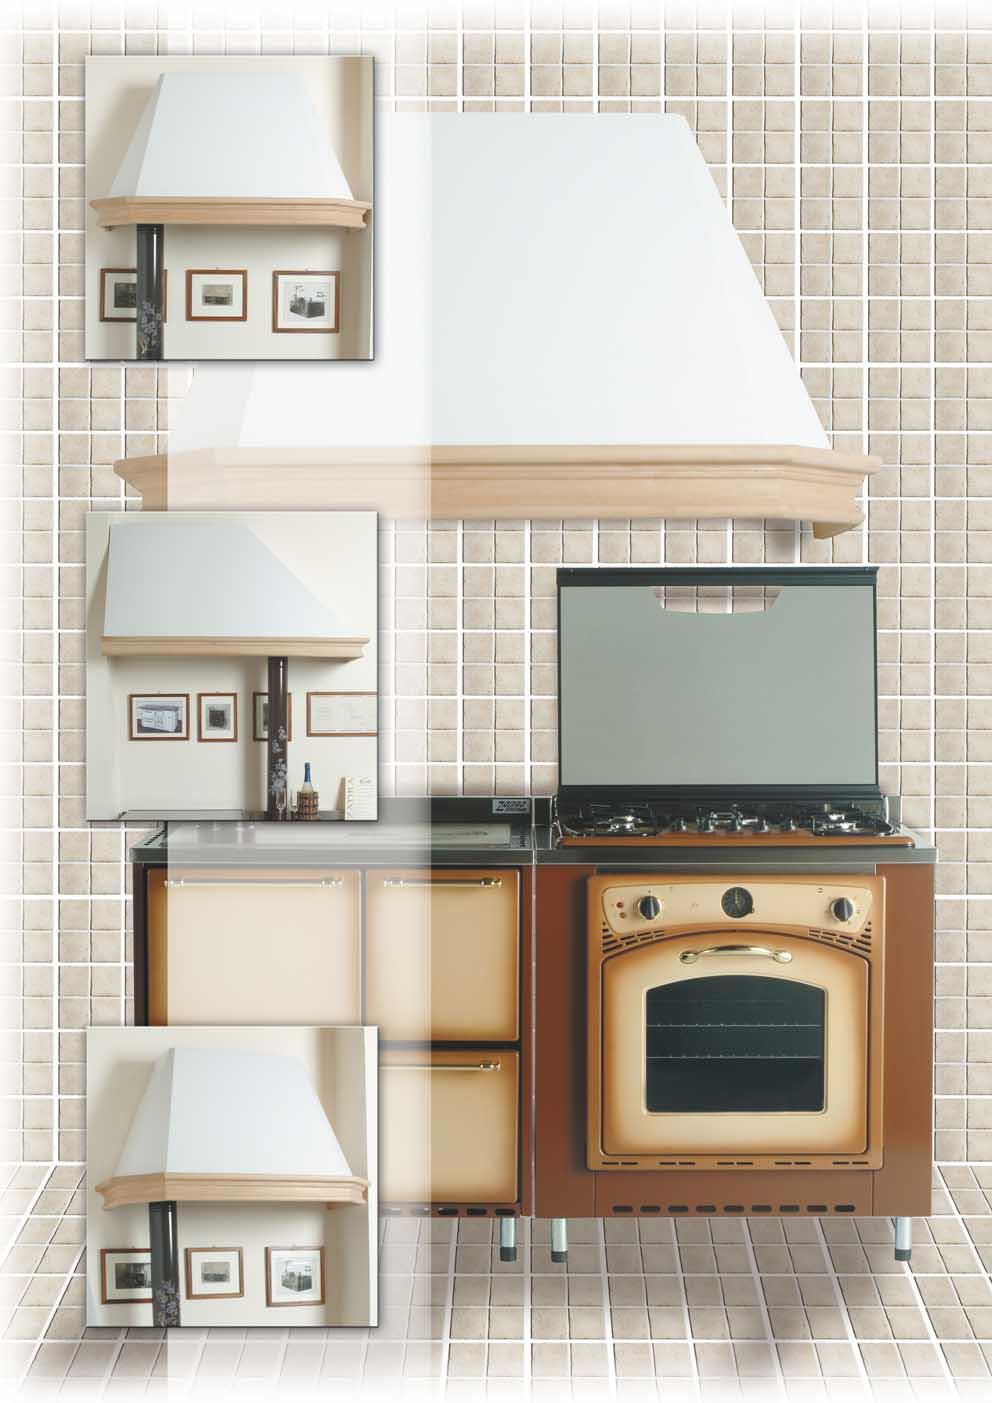 Awesome Cerco Cappa Per Cucina Contemporary - Ideas & Design 2017 ...